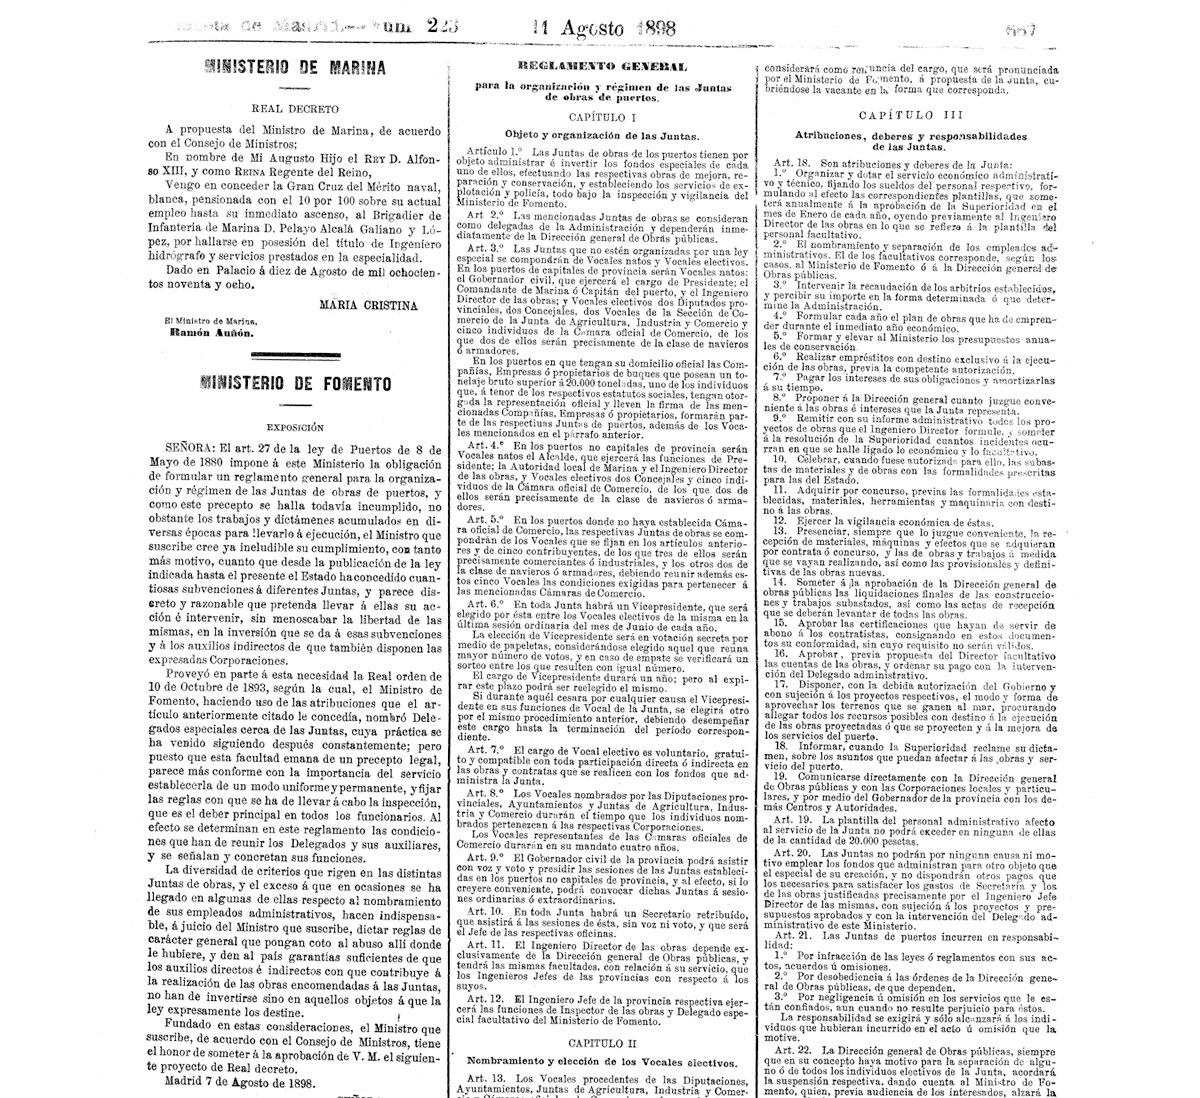 Real Decreto de agosto de 1898 que fija la organización y régimen de las Juntas de obras de los puertos / BOE